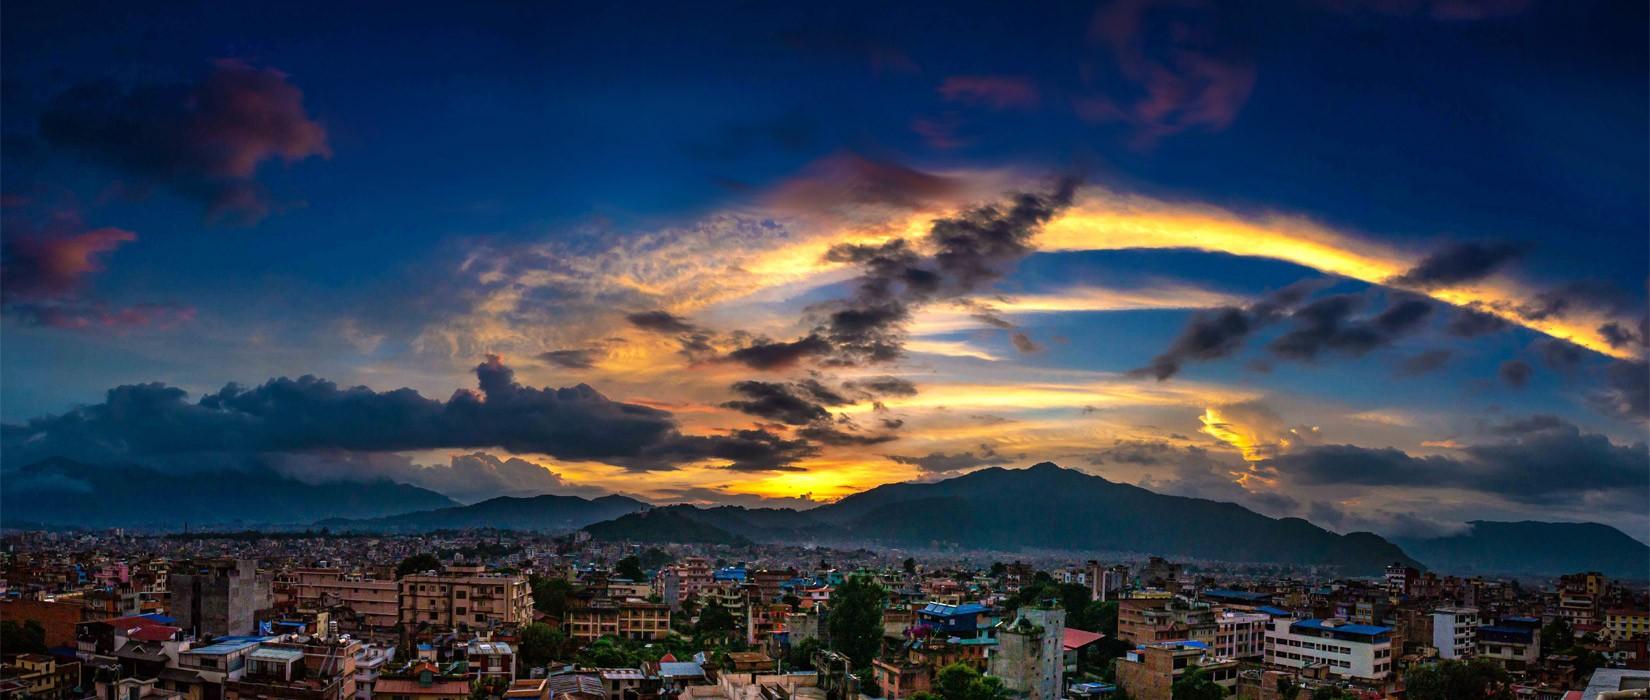 Beautiful Skyline seen from Marpha Bar